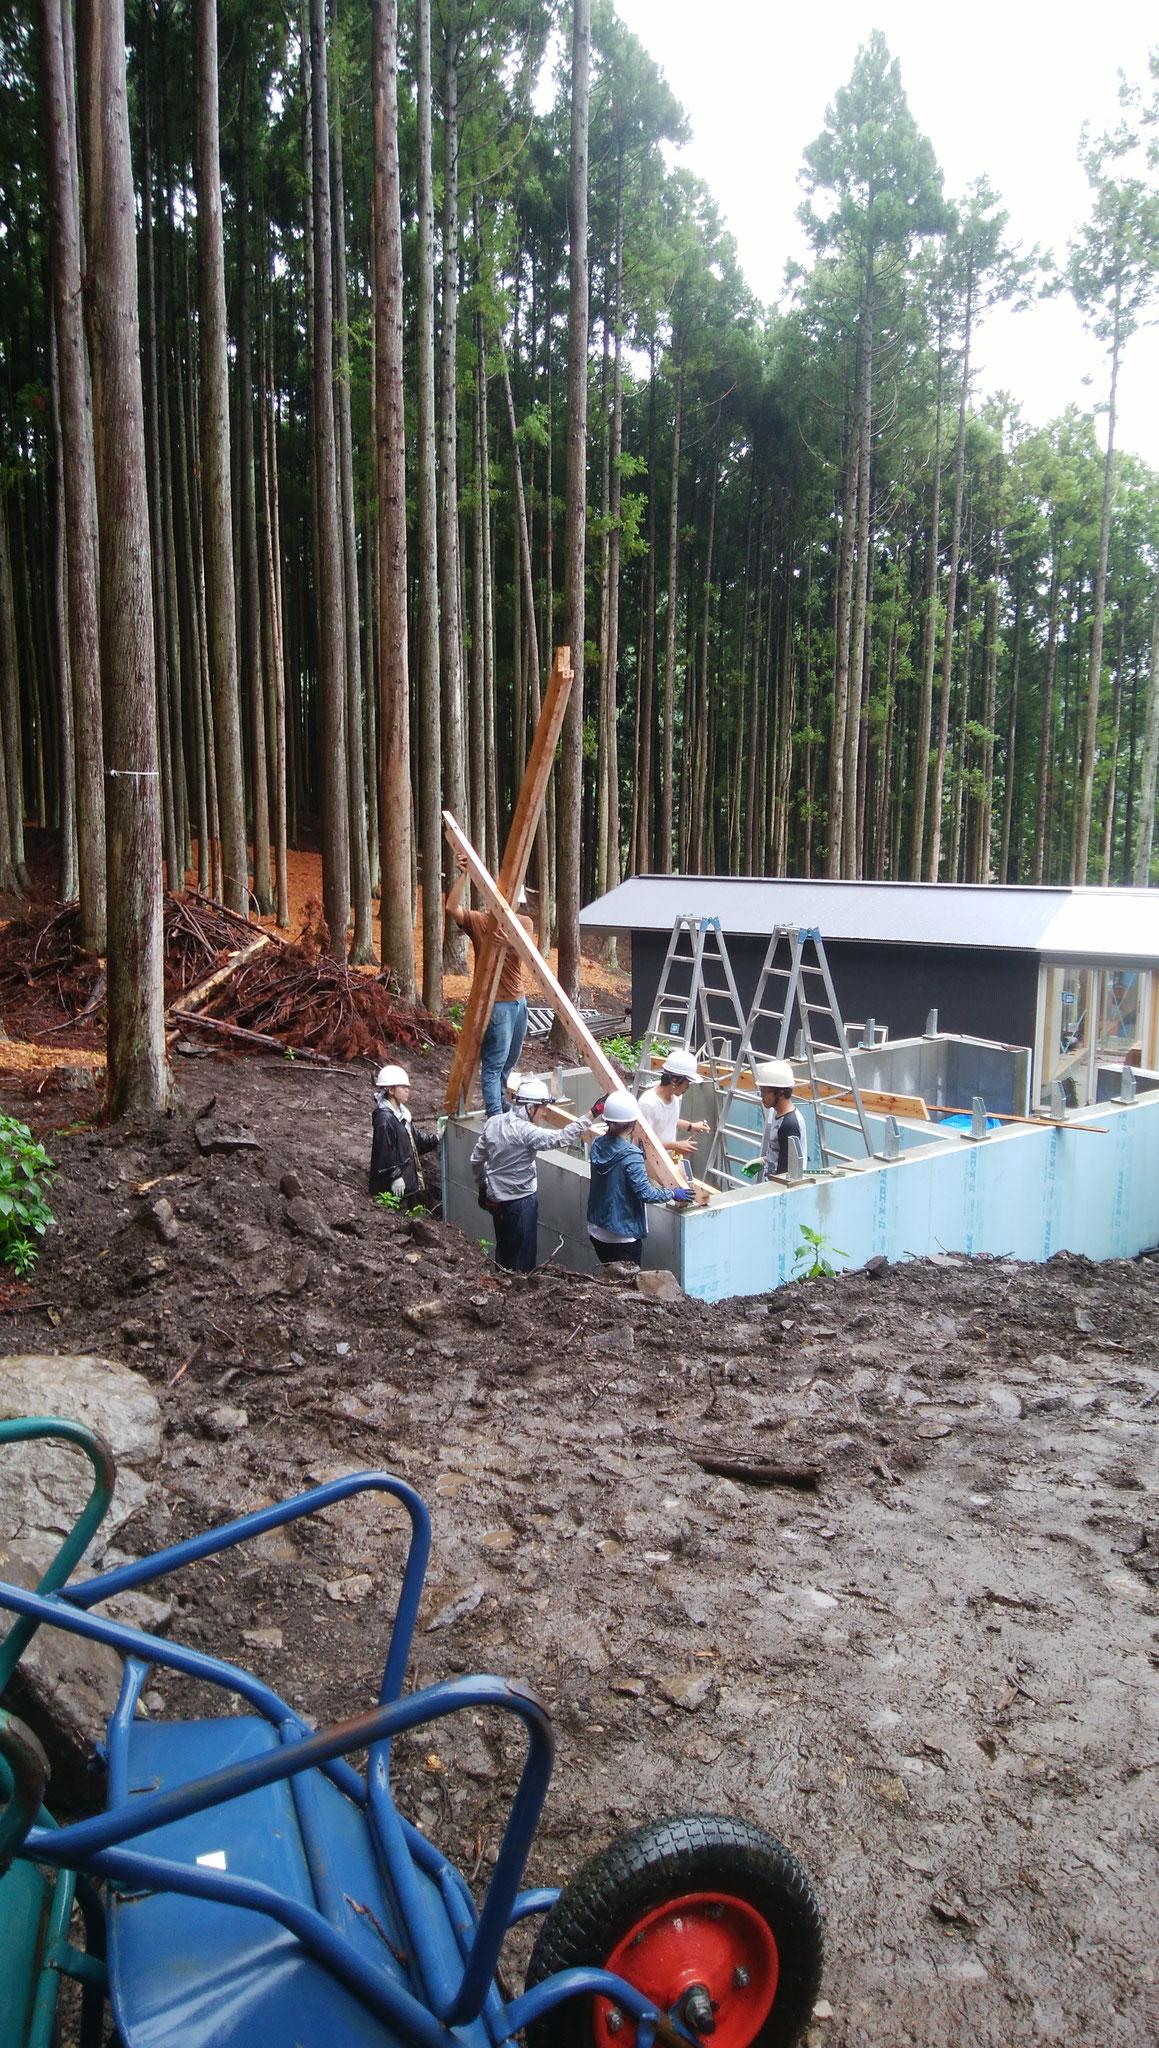 基礎を木と木で挟み、ボルトを通して骨組みを作っていきます。